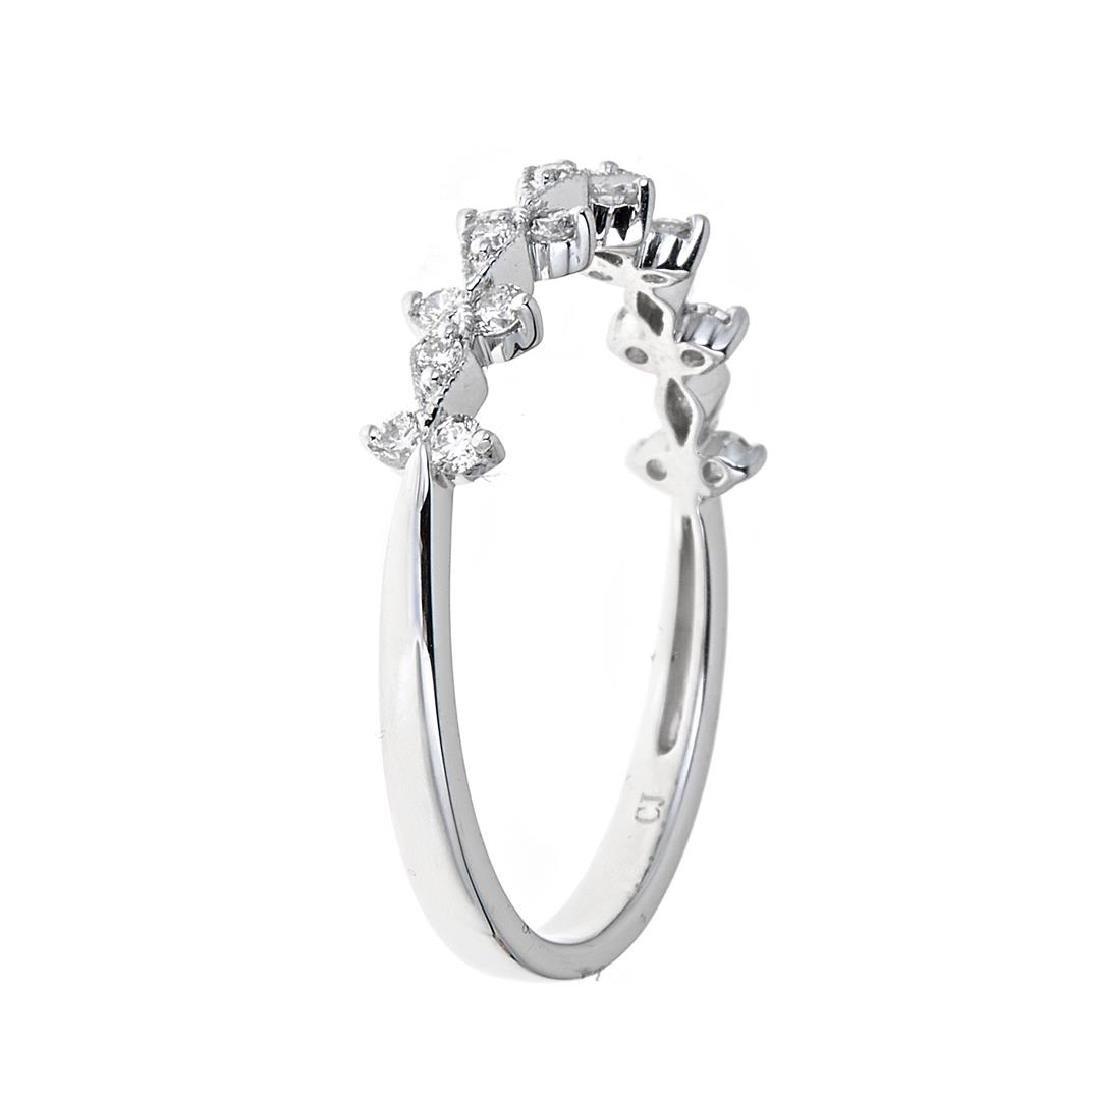 0.25 ctw Diamond Ring - 18KT White Gold - 3